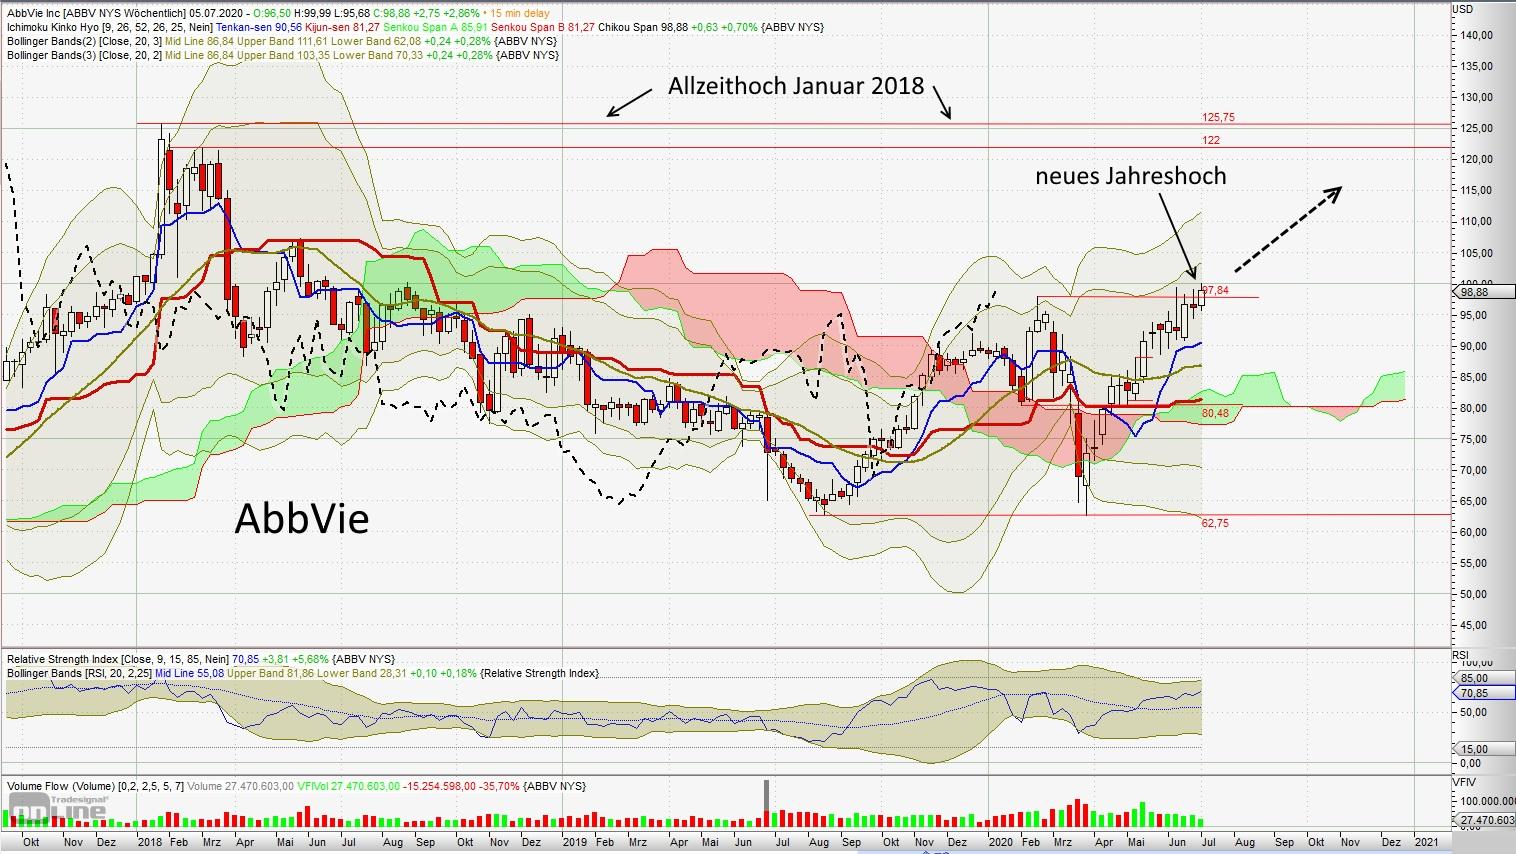 AbbVie - aktuelle Chartanalyse von Lars Hattwig